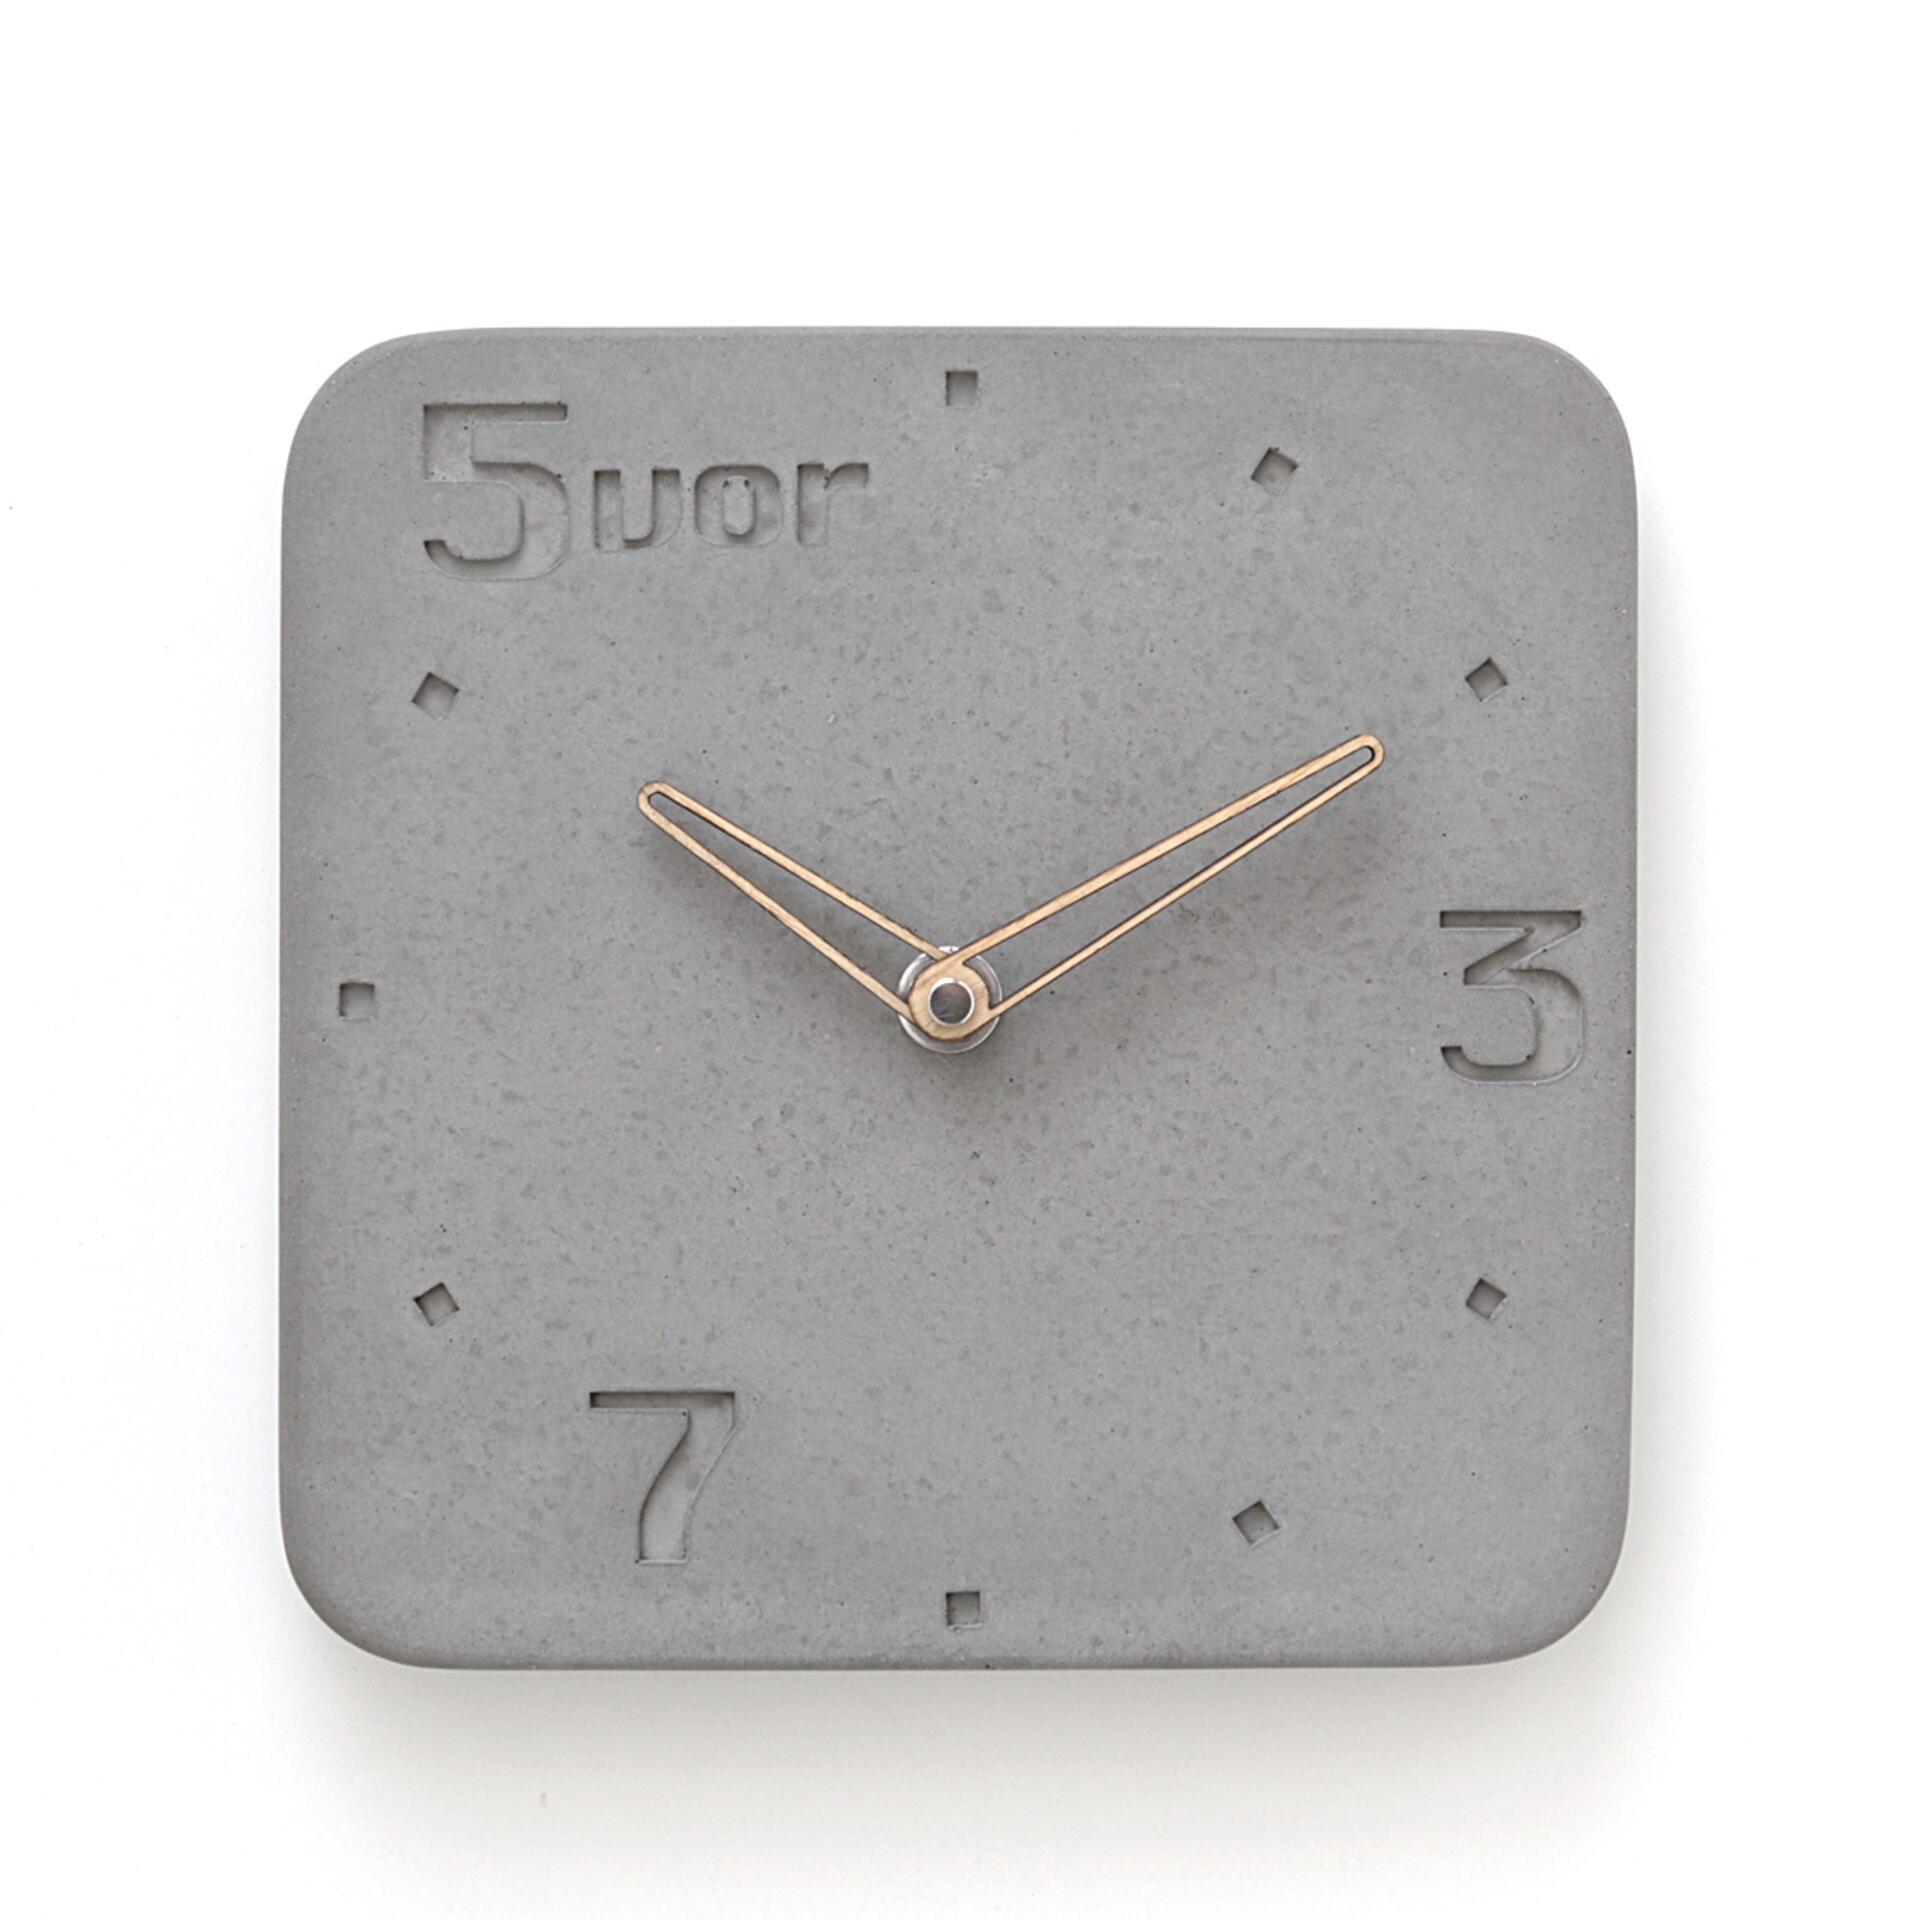 Wertwerke Wanduhr aus Beton 5VOR Grau 20 x 20 cm Esche Rahmen